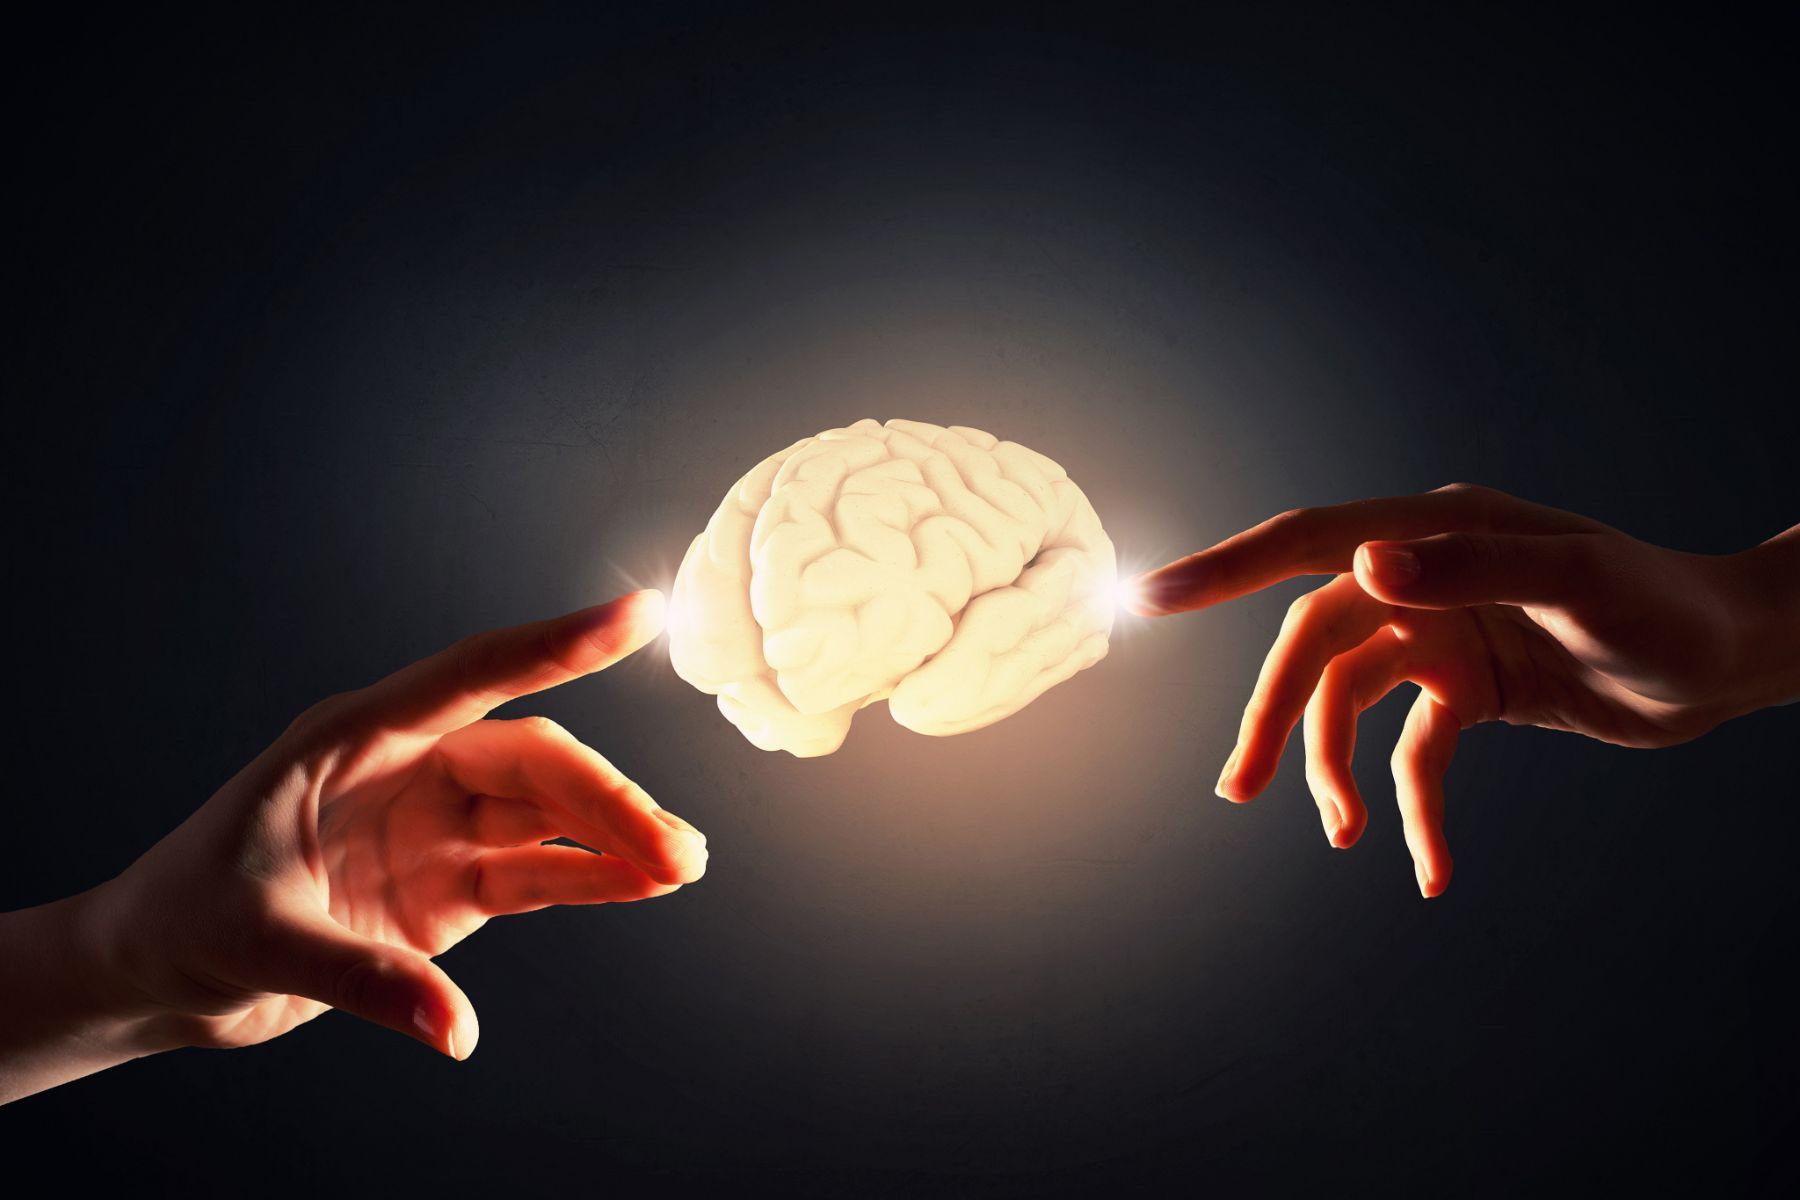 manos tocando un cerebro iluminado